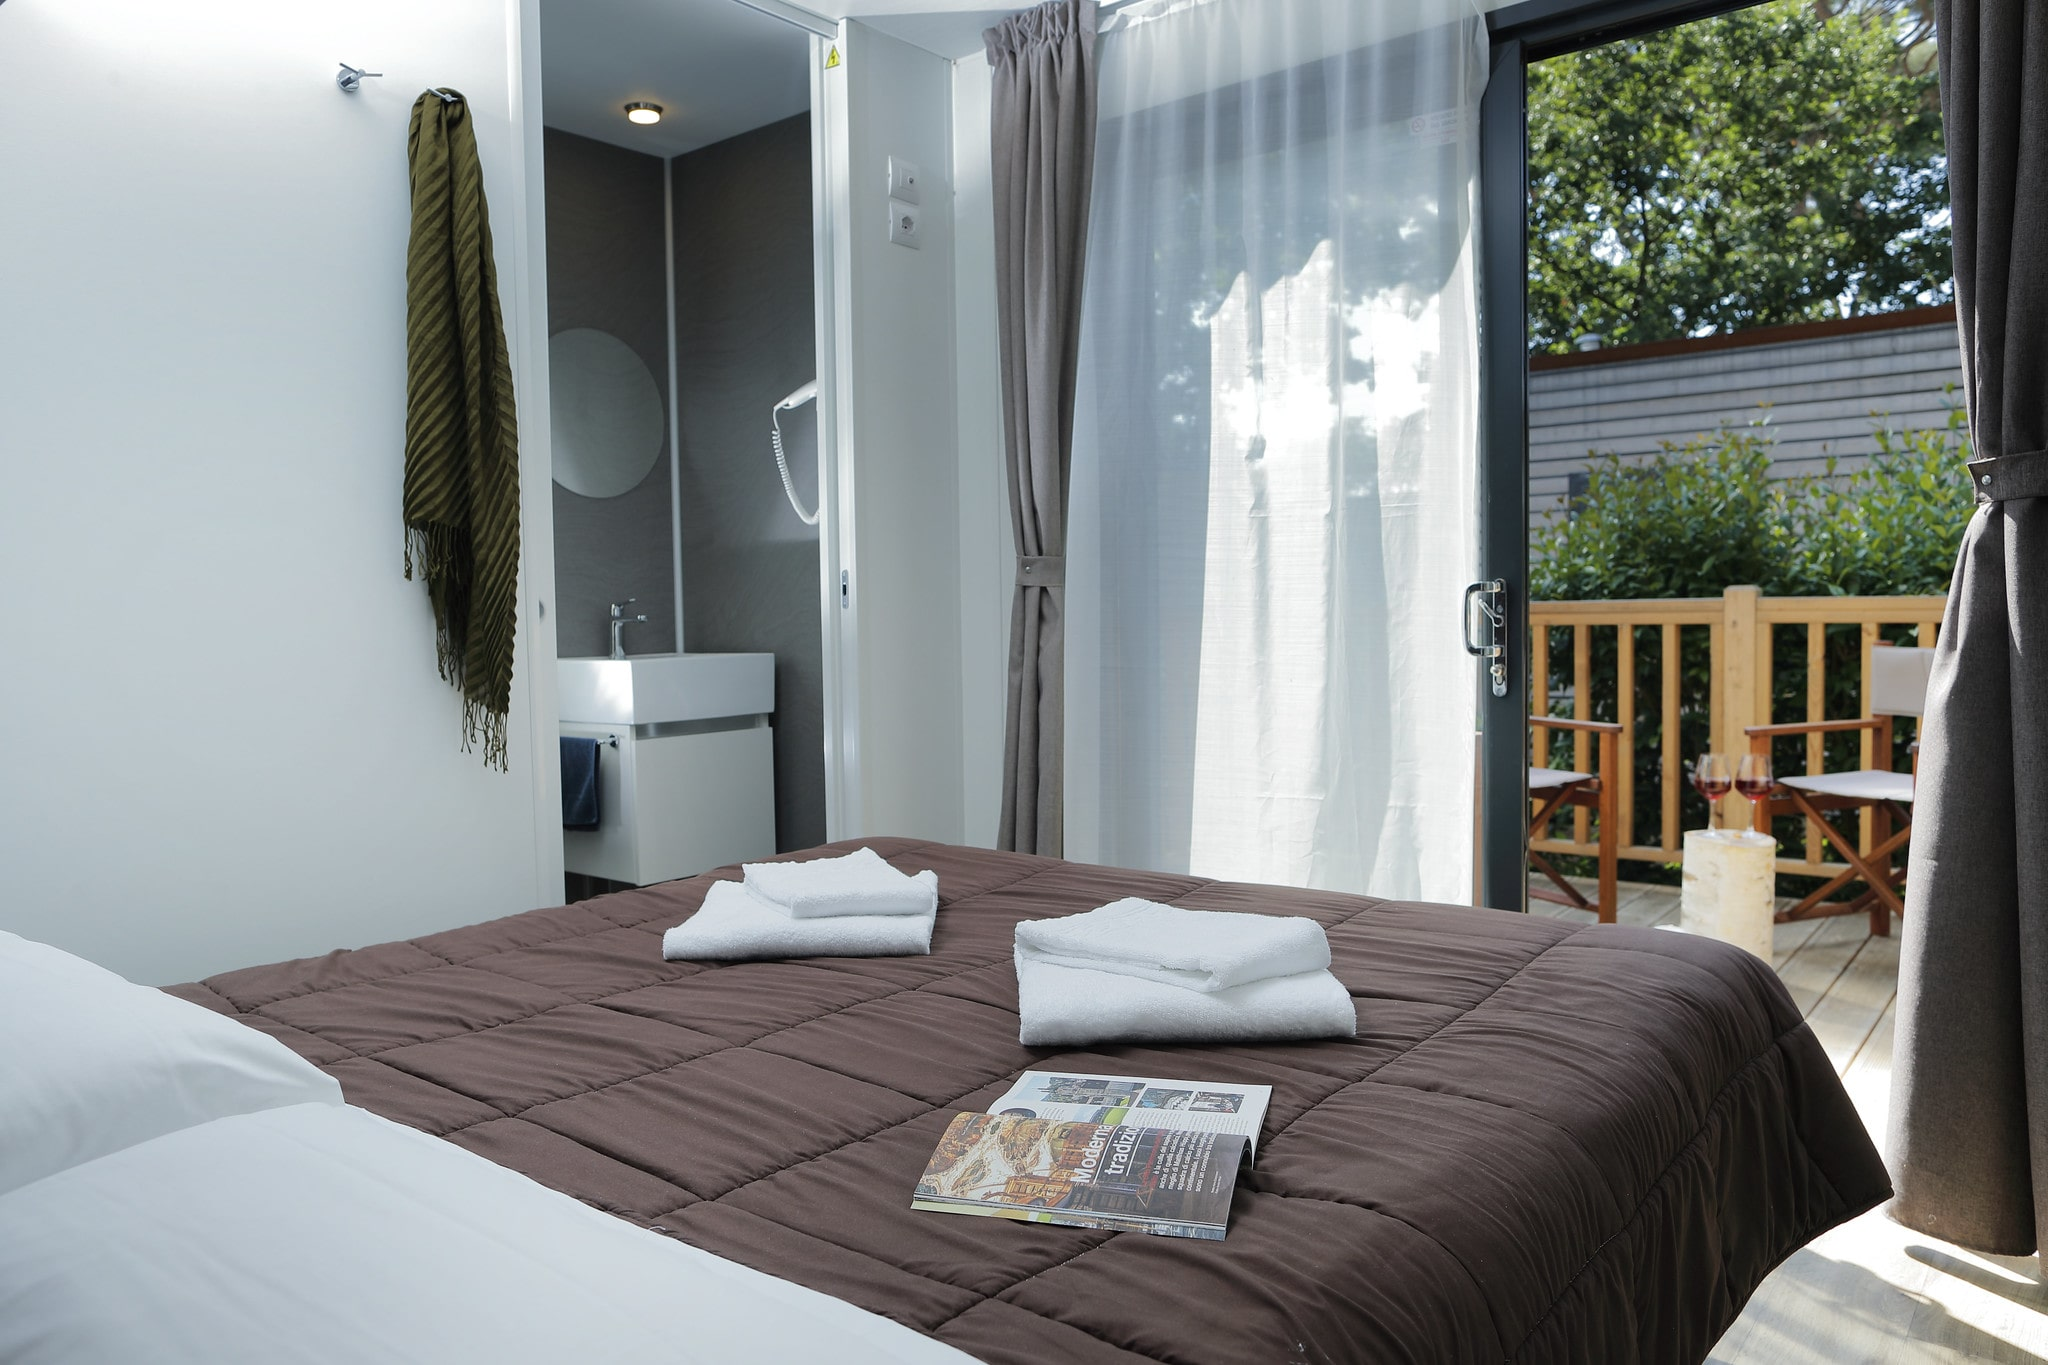 Camera doppia in casa mobile con terrazza privata